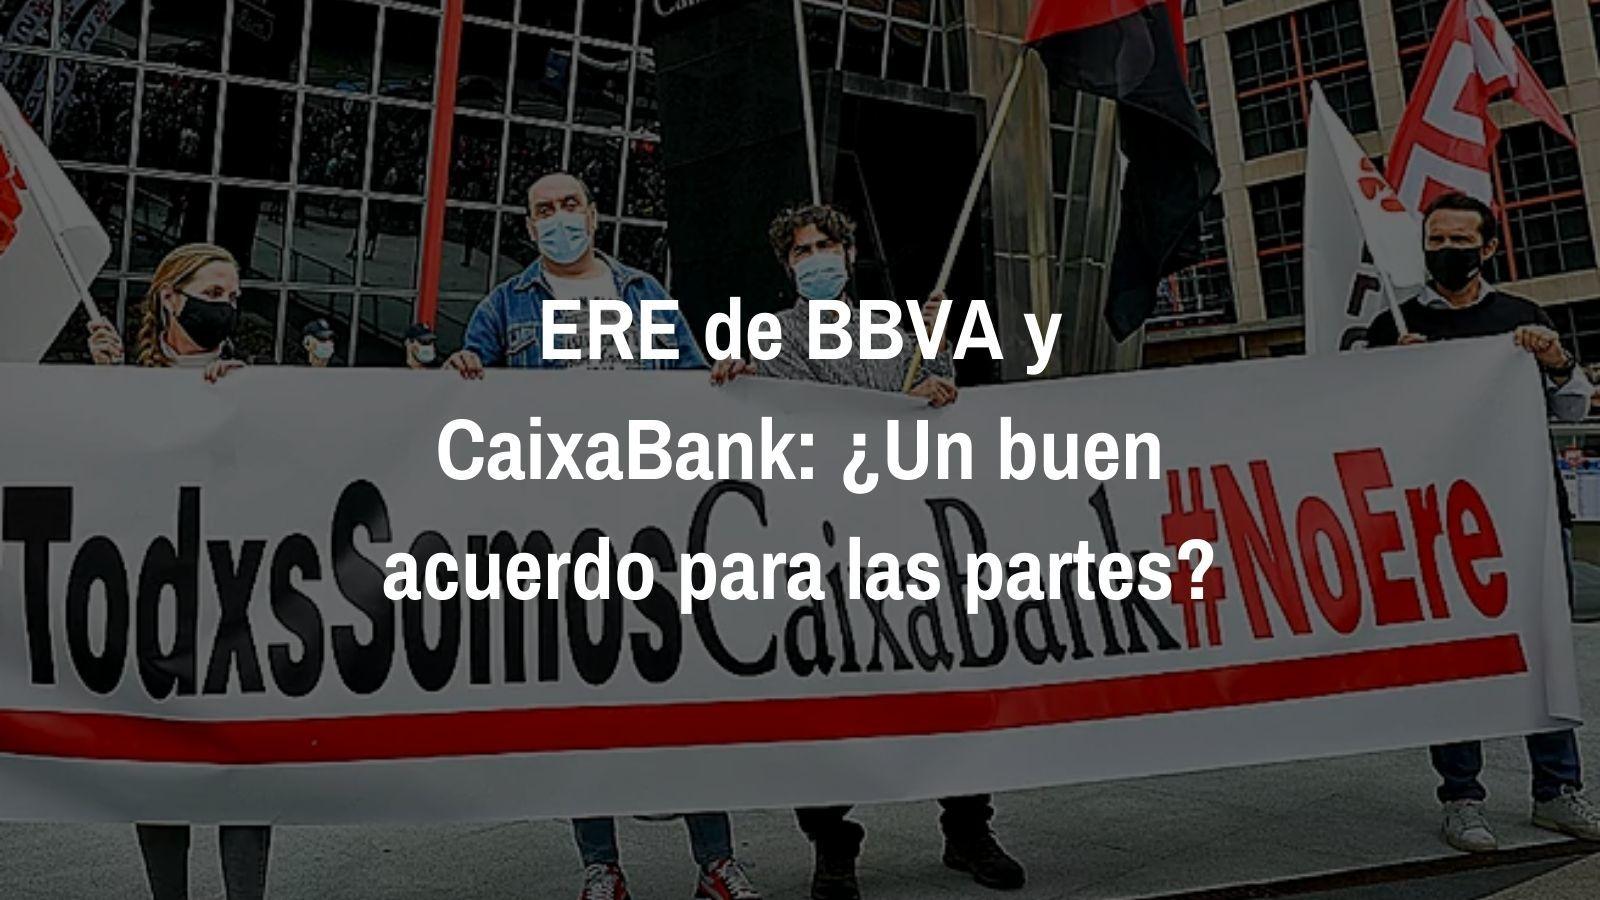 ERE de BBVA y CaixaBank: ¿Un buen acuerdo para las partes?